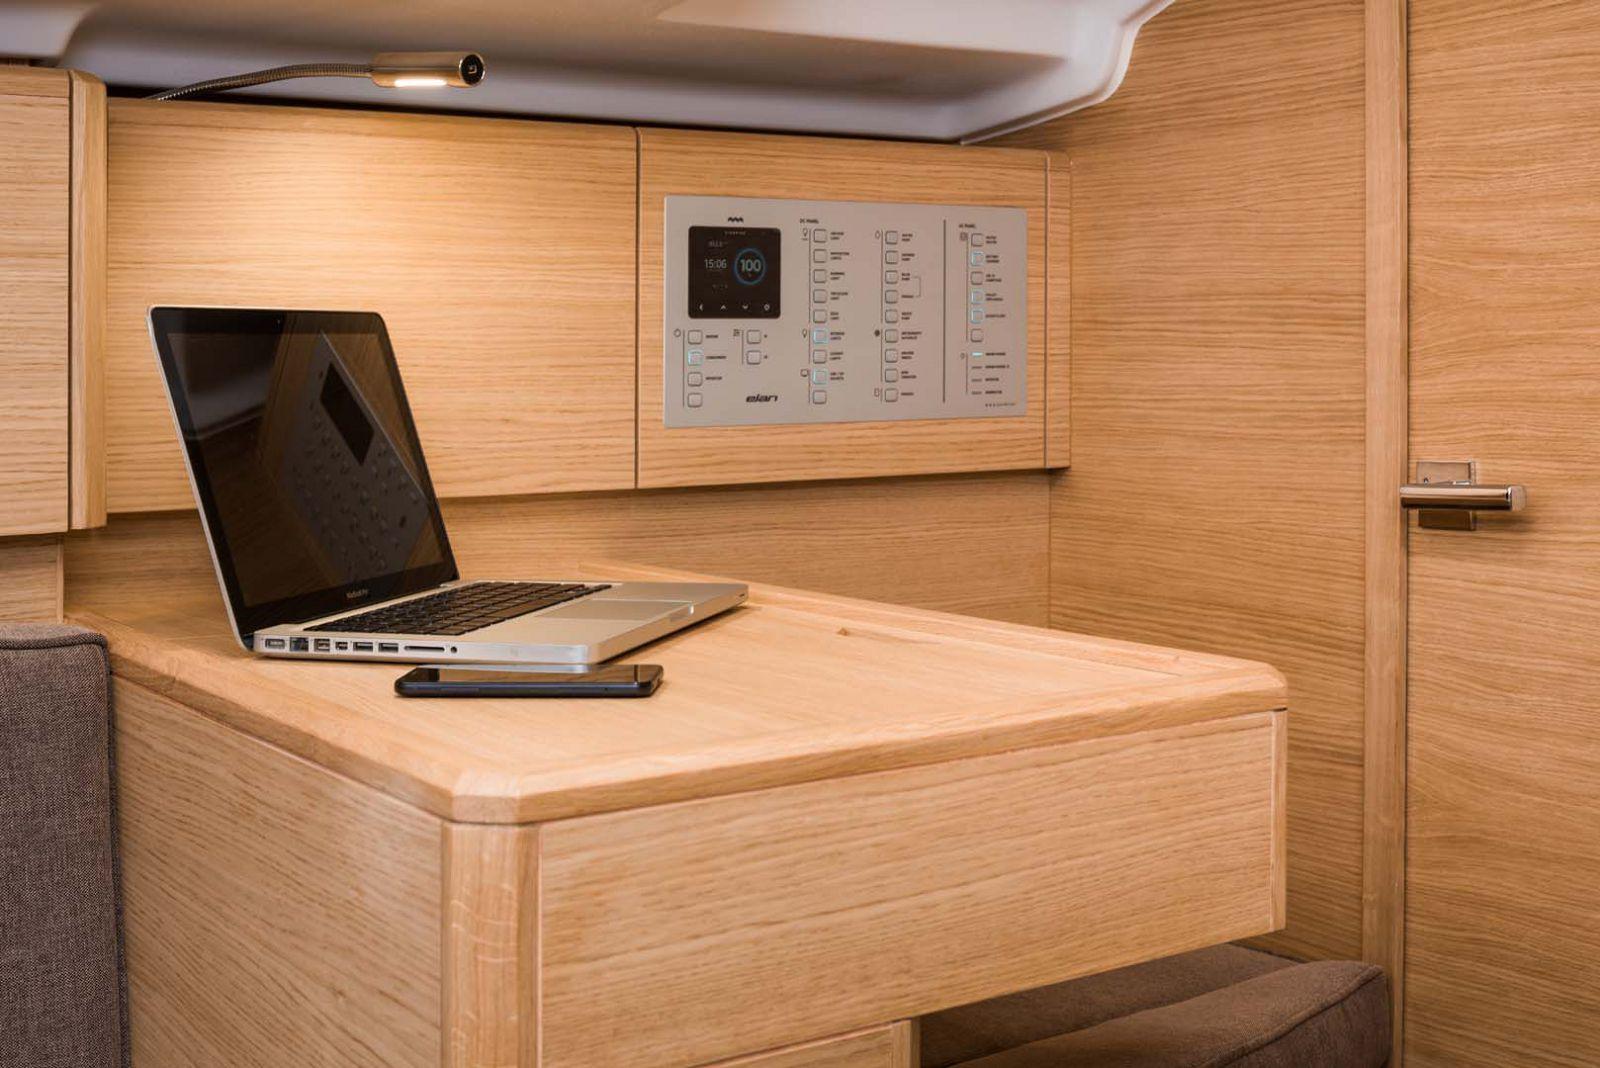 Elan-Yachts-E3-Sailboat-study